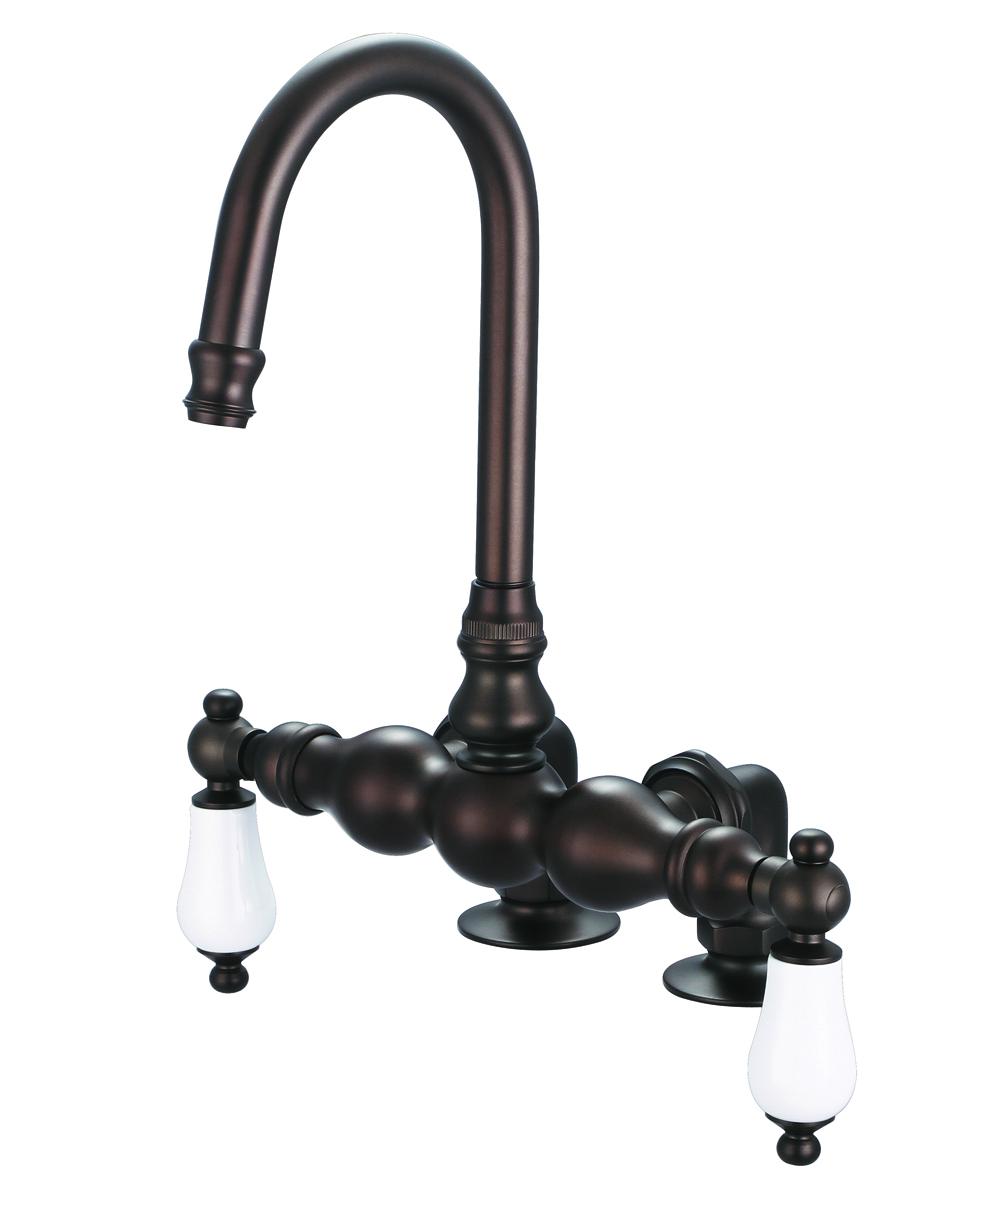 """3-3/8"""" Center Deck Mount Tub Faucet With Gooseneck Spout & 2"""" Risers, Oil Rubbed Bronz"""